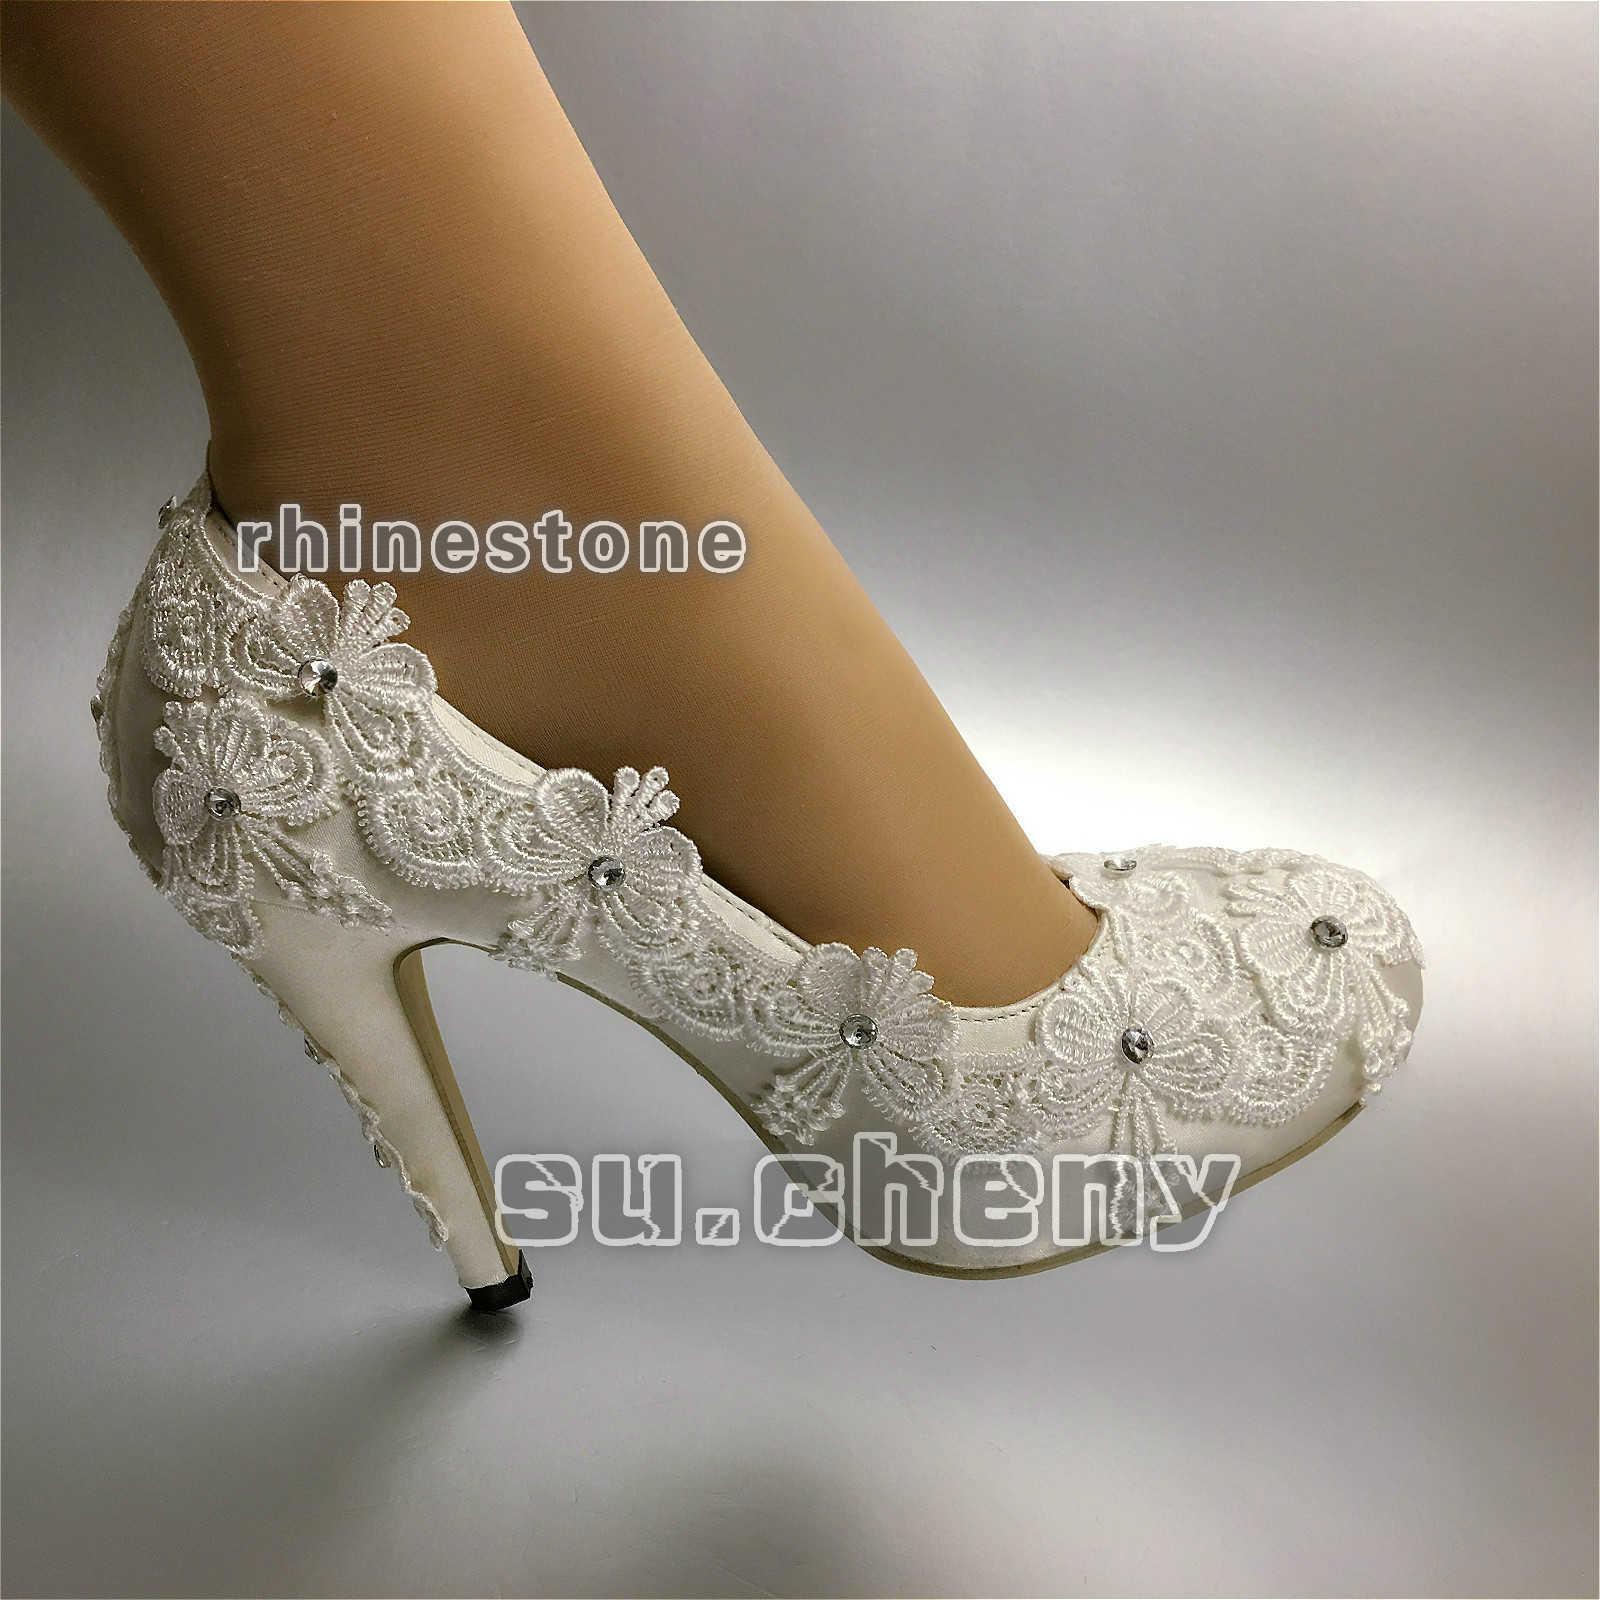 Heels WEISS ivory silk lace RHINESTONE Wedding schuhe satin Bride pumps Größe 5-11